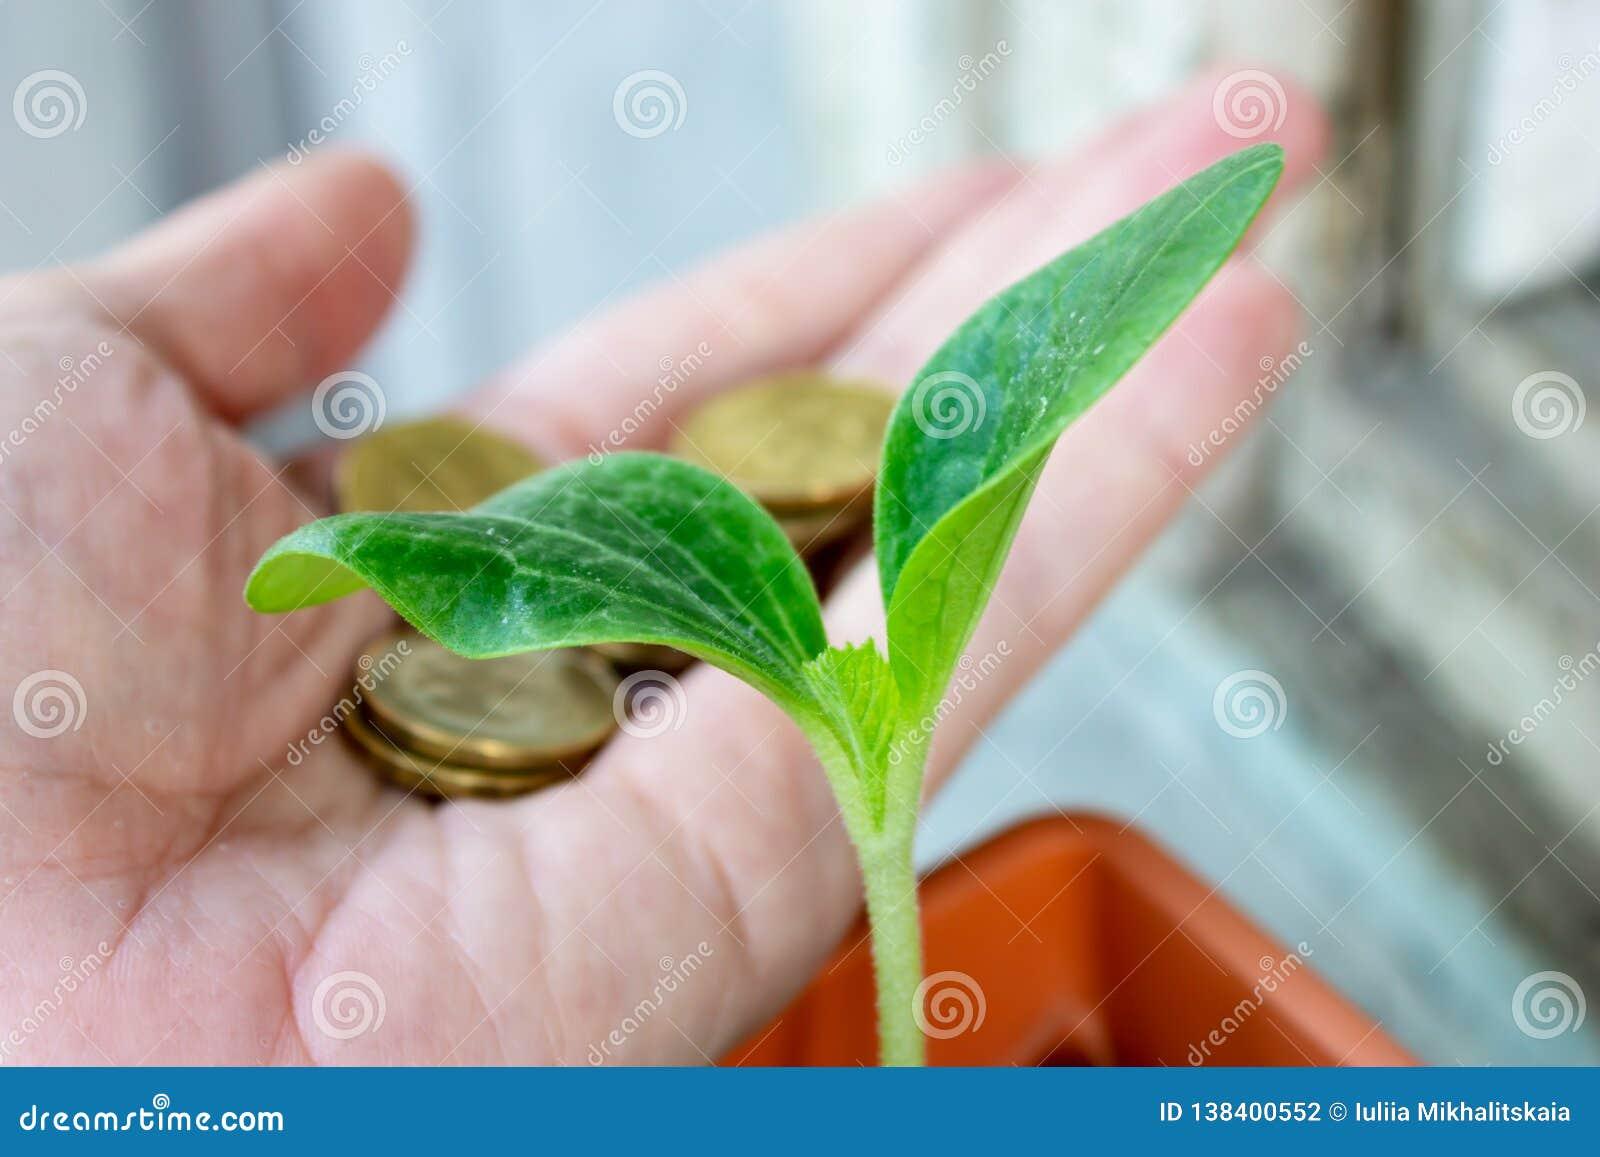 En grön planta av zucchinin och en hand med mynt på bakgrund - ekonomi och finansiellt växande begrepp